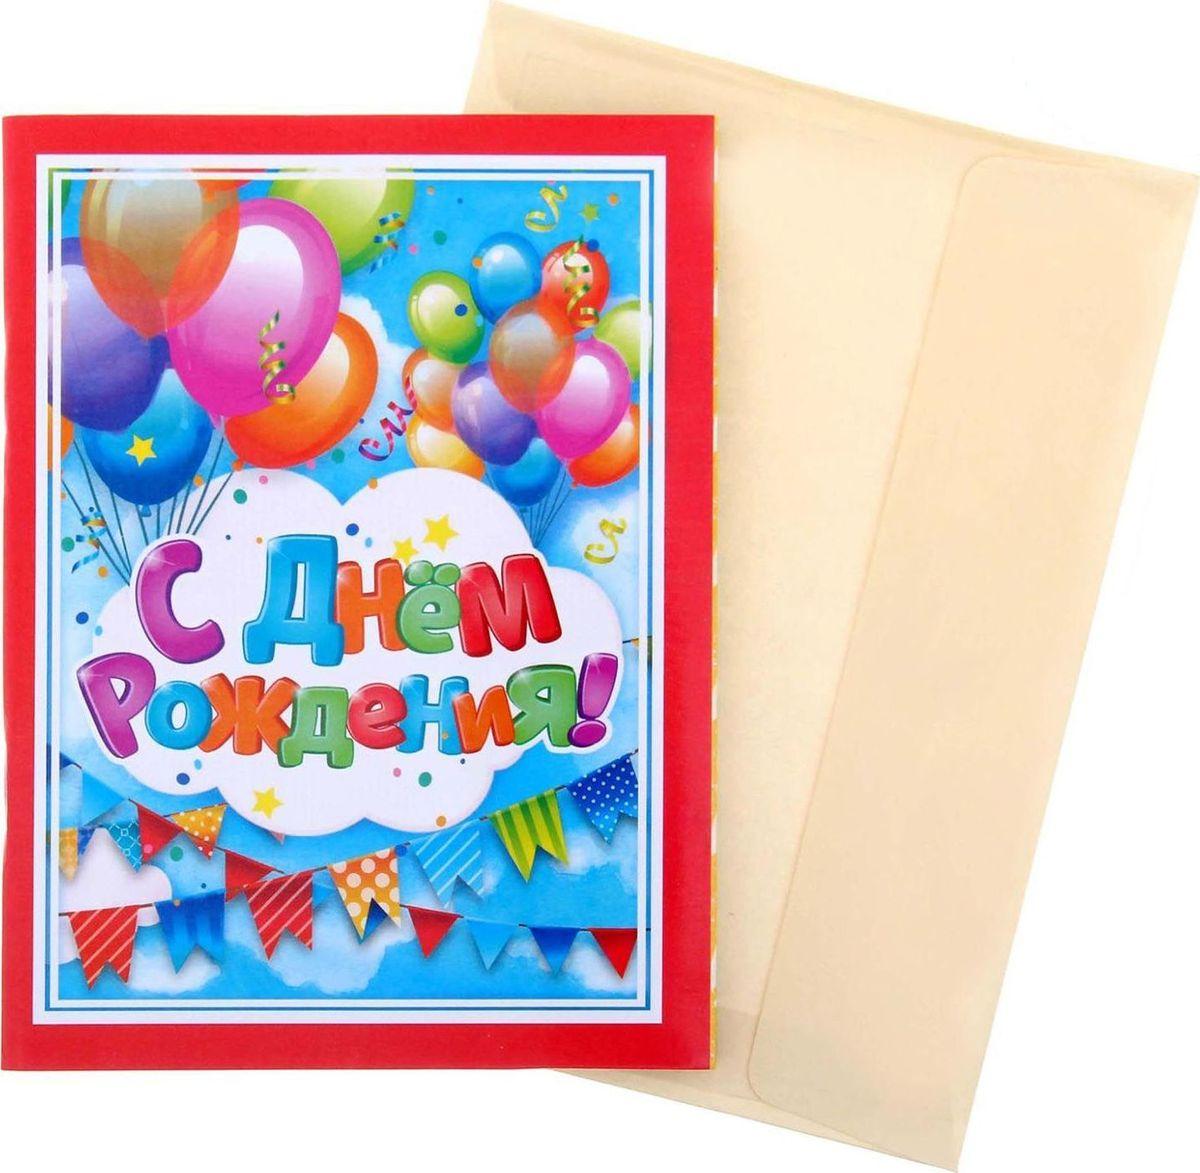 Блокнот-открытка С днем рождения 32 листа1104983Блокнот-открытка С днем рождения!, 32 листа сочетает в себе красоту и практичность. Он содержит приятные пожелания от близких людей, а 32 дизайнерских листа с бархатной фактурой подарят отличное настроение владельцу. В отличие от обычной открытки, которая будет пылиться в шкафу, блокнотом приятно пользоваться! Изделие дополнено универсальным конвертом, подпишите его и вручите сувенир адресату на любой праздник.